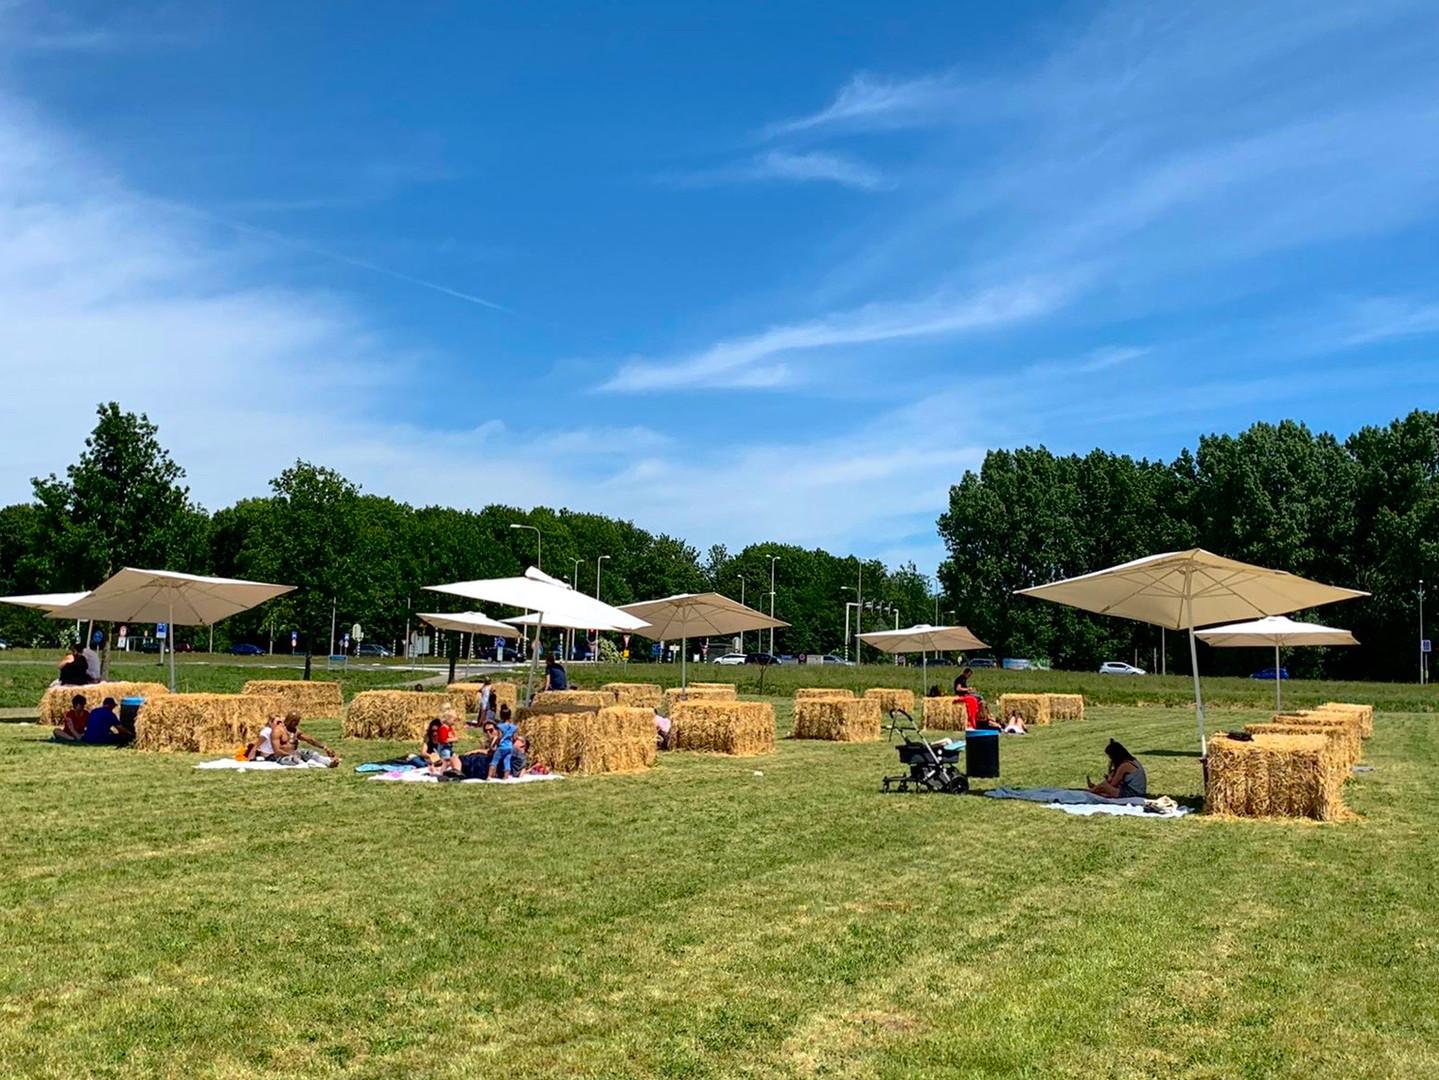 Picknicken bij Boerkok